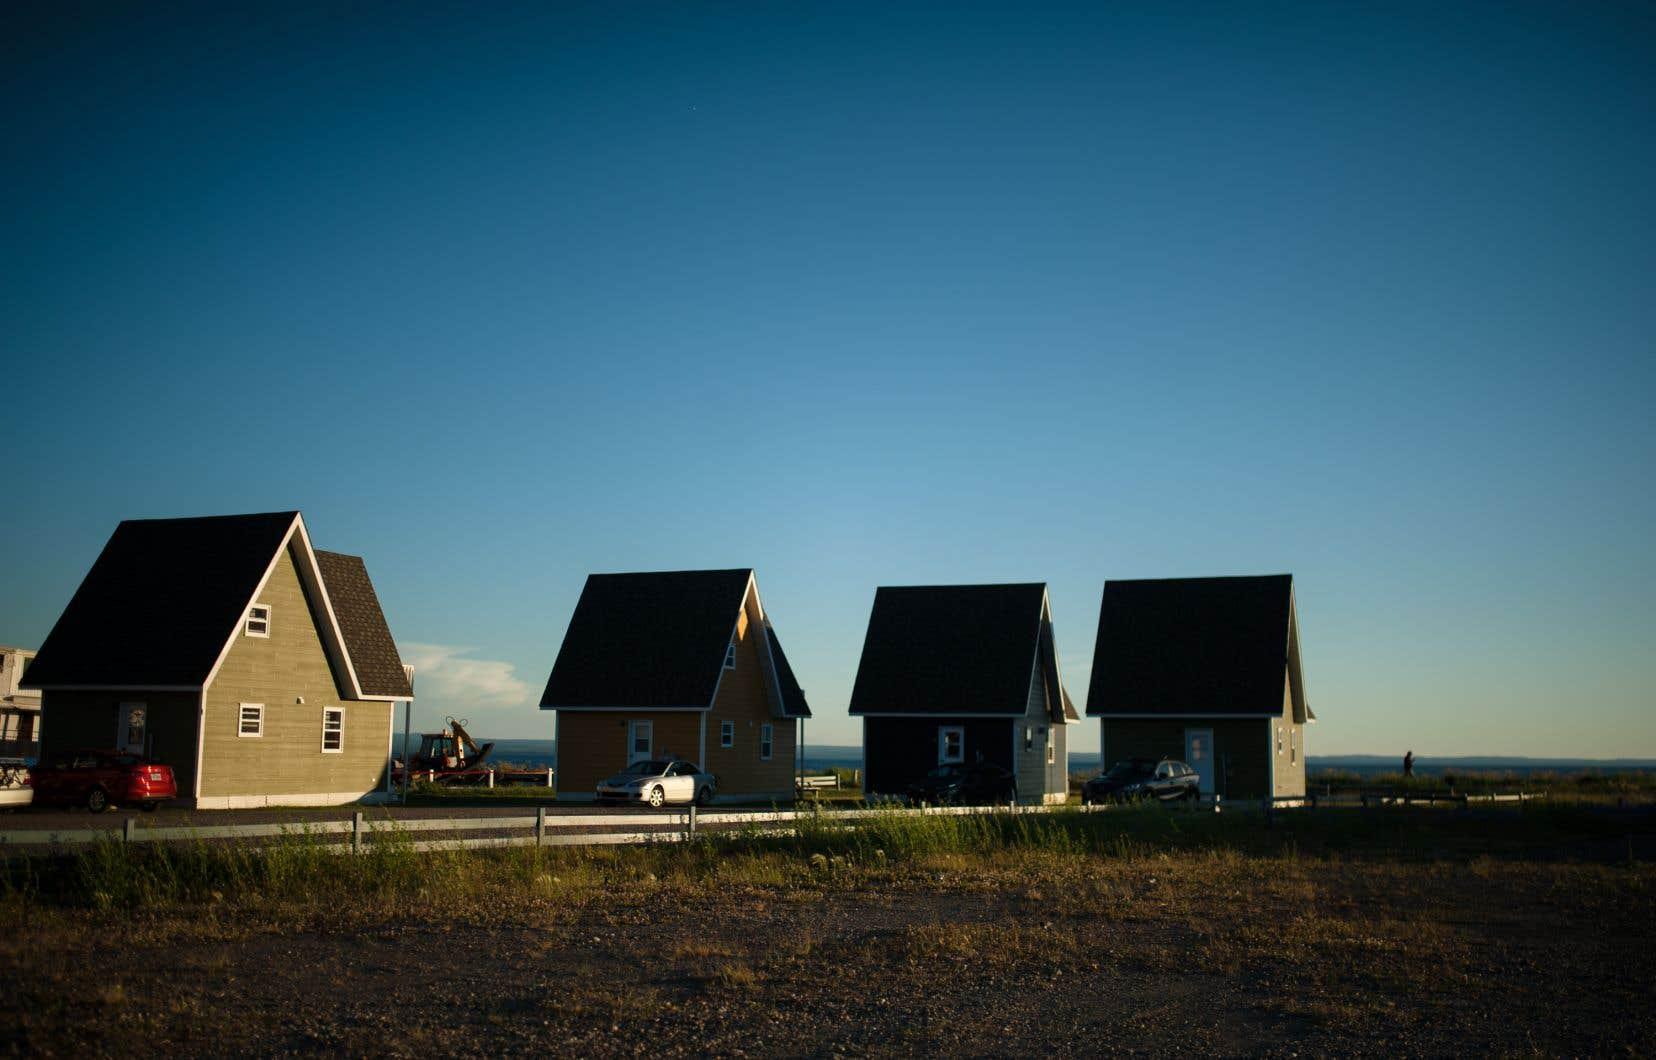 La Gaspésie compte 79 442 habitants (en excluant les Îles-de-la-Madeleine). Ce vaste territoire d'une superficie d'environ 20 000 km2, certains considèrent qu'il est trop grand pour une population si petite.